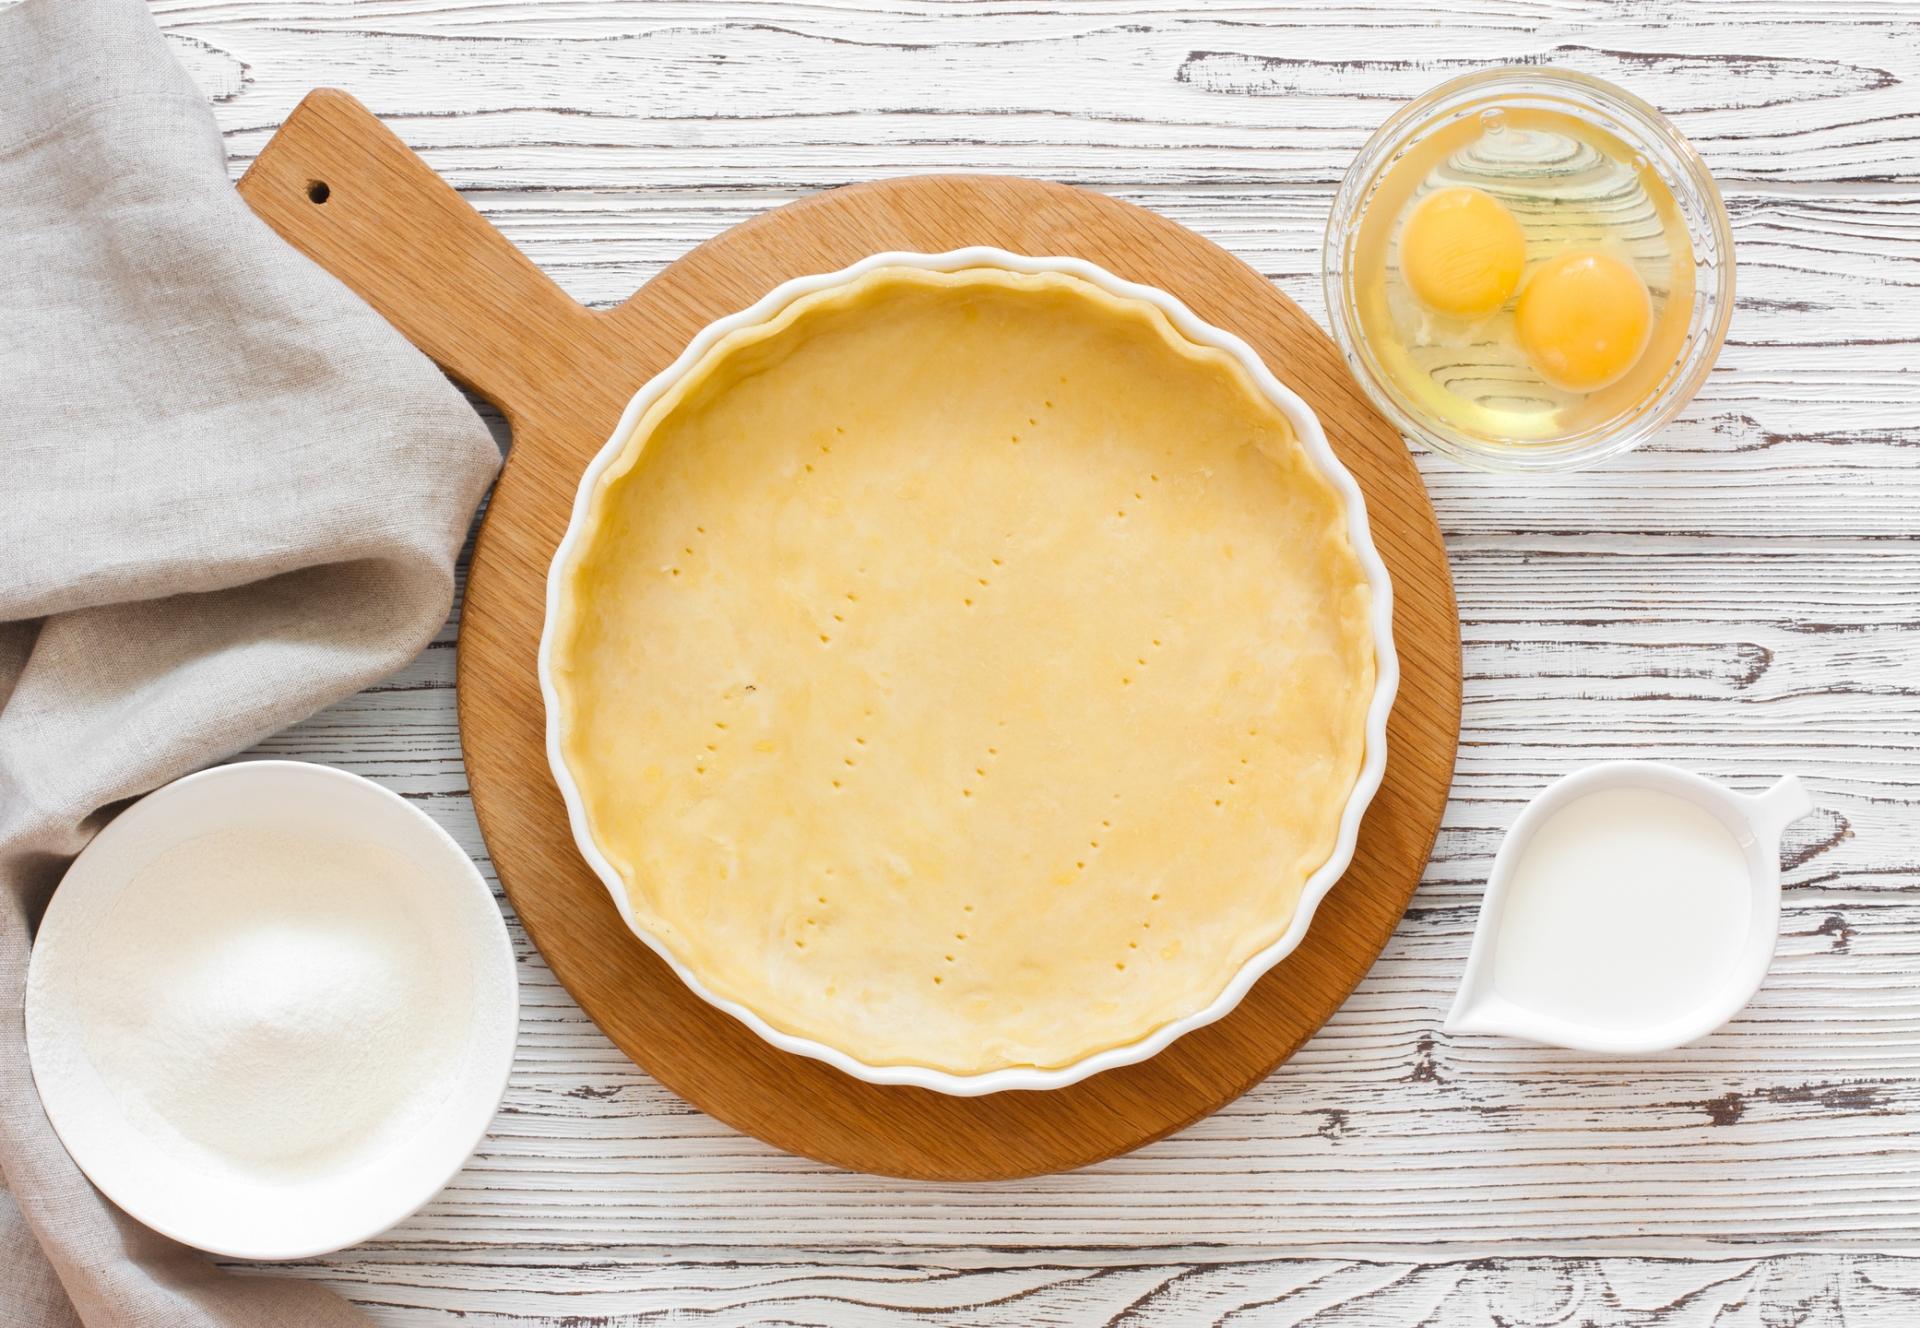 foto de massa sablée em uma travessa, com ovos, leite e farinha